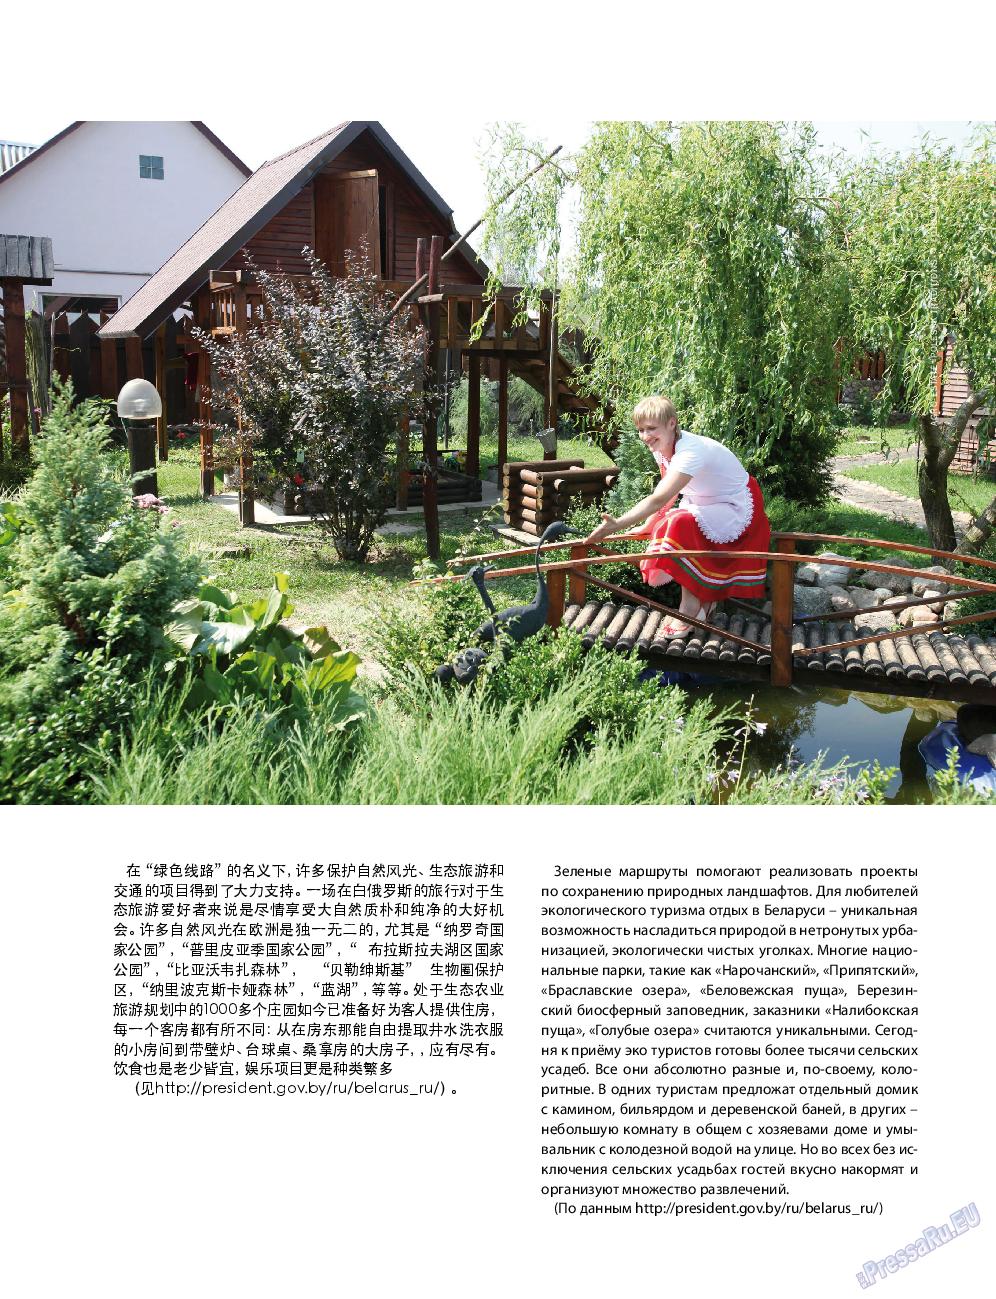 Клан (журнал). 2015 год, номер 8, стр. 61